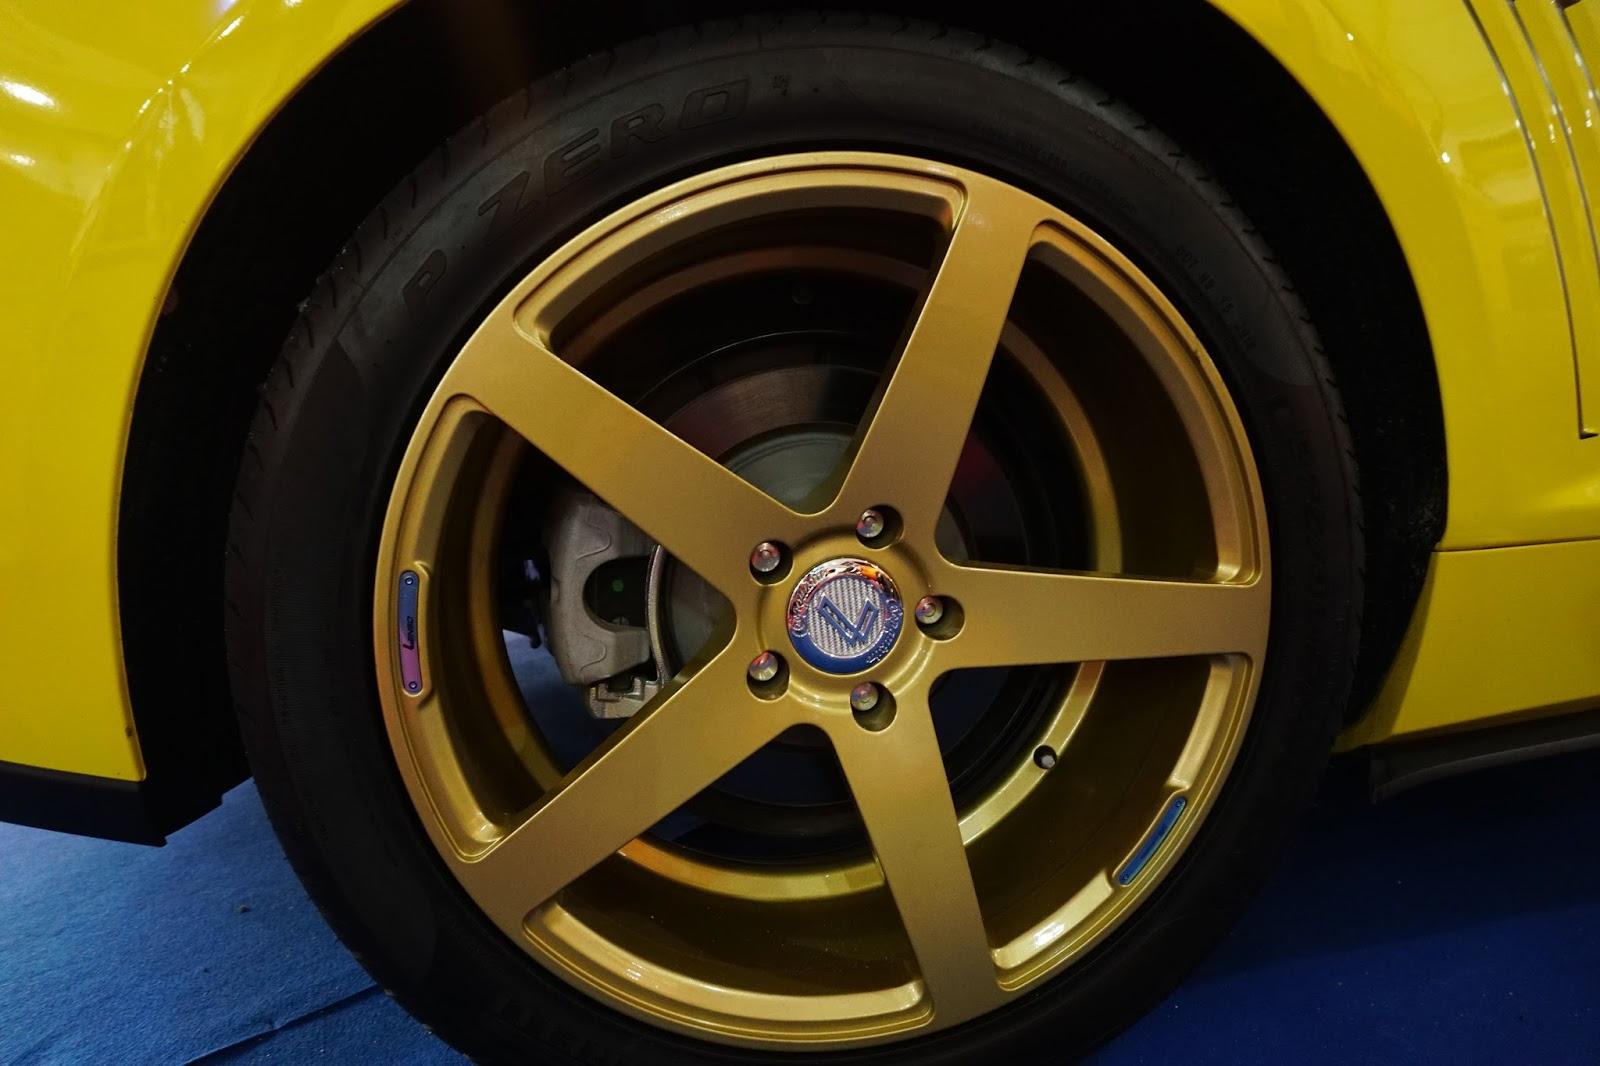 Chevrolet Camaro RS đã được độ lại với bộ mâm của Lenso rất nguy hiểm